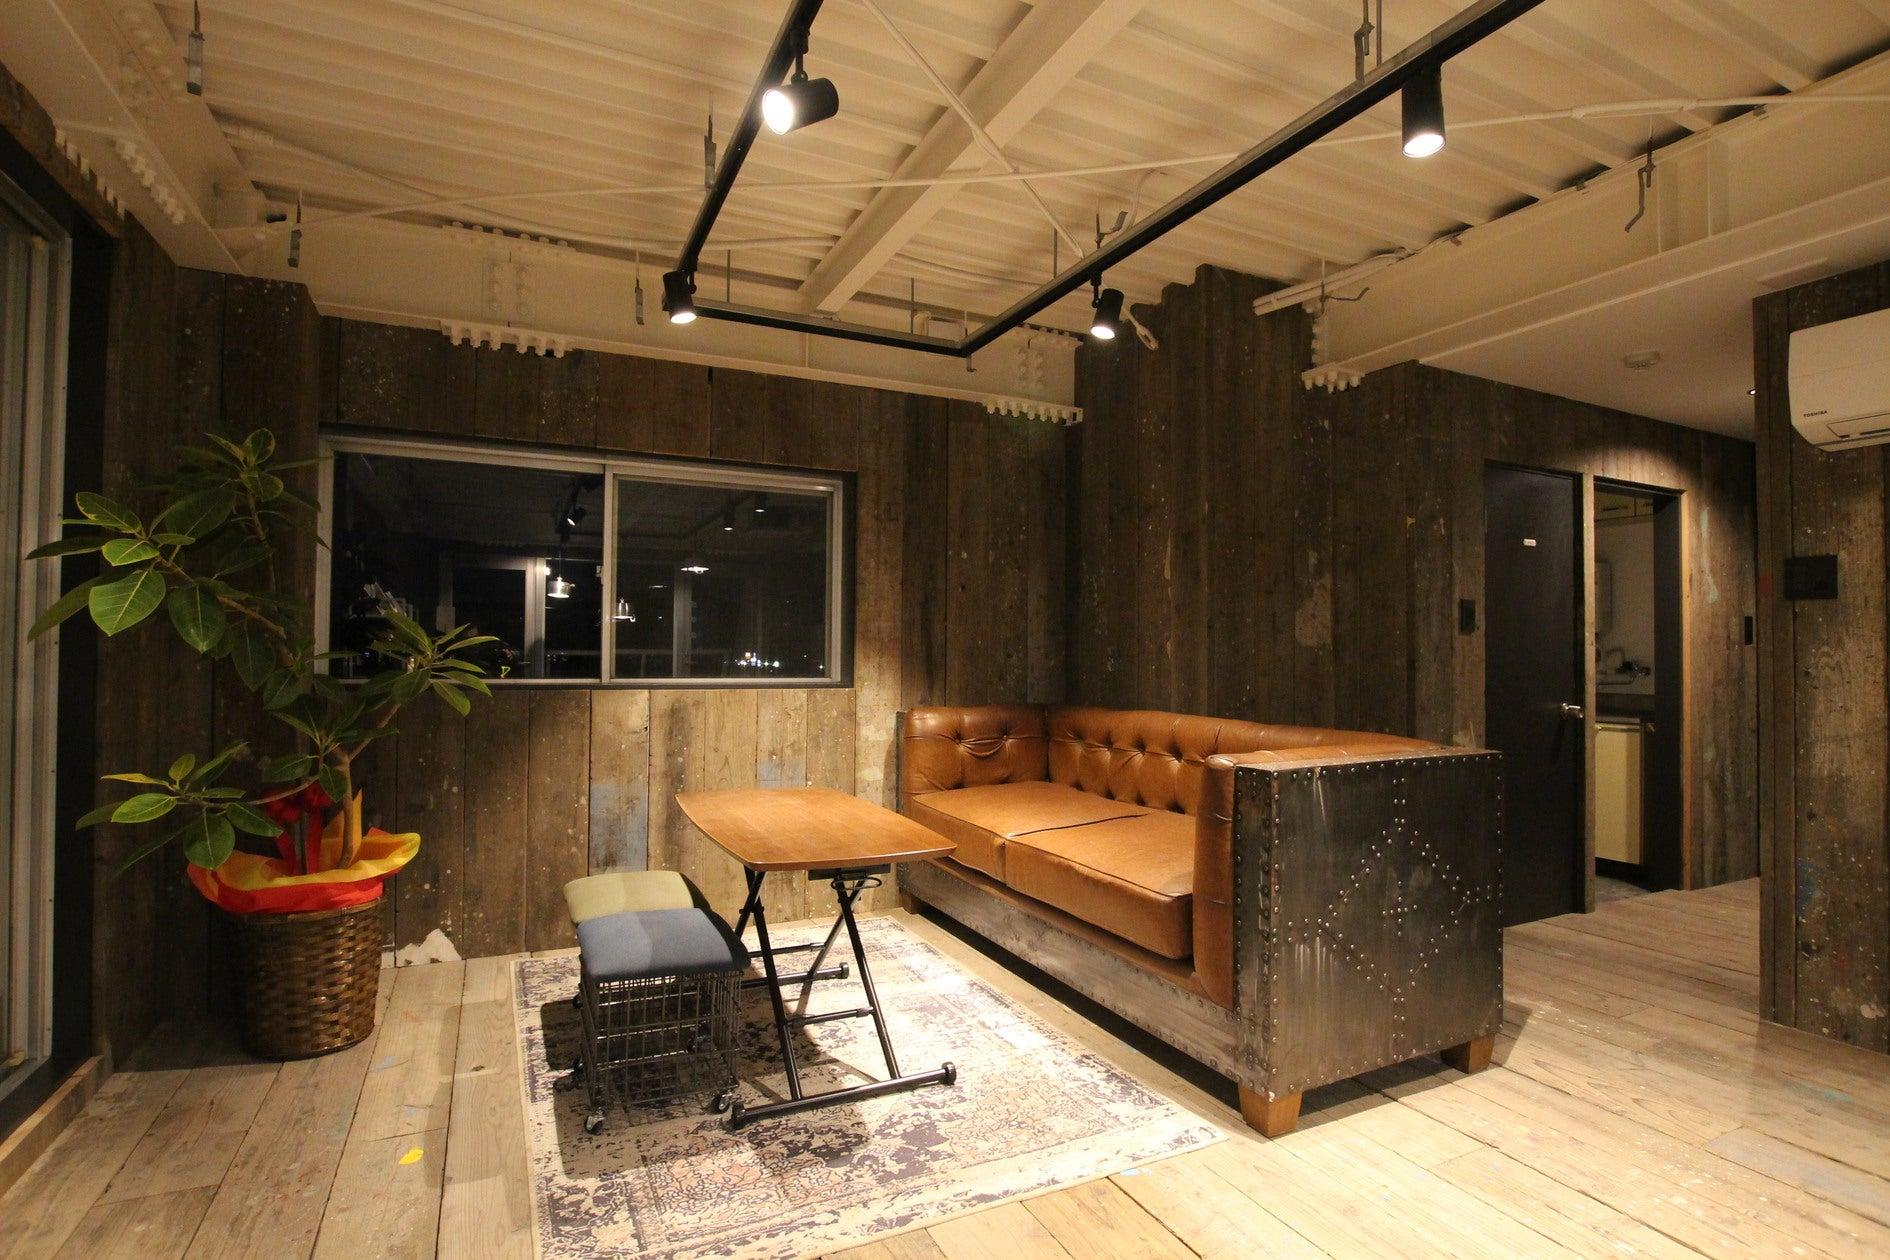 市役所すぐ!姫路市を見渡せるデザイナーズビルの6F会議室! の写真